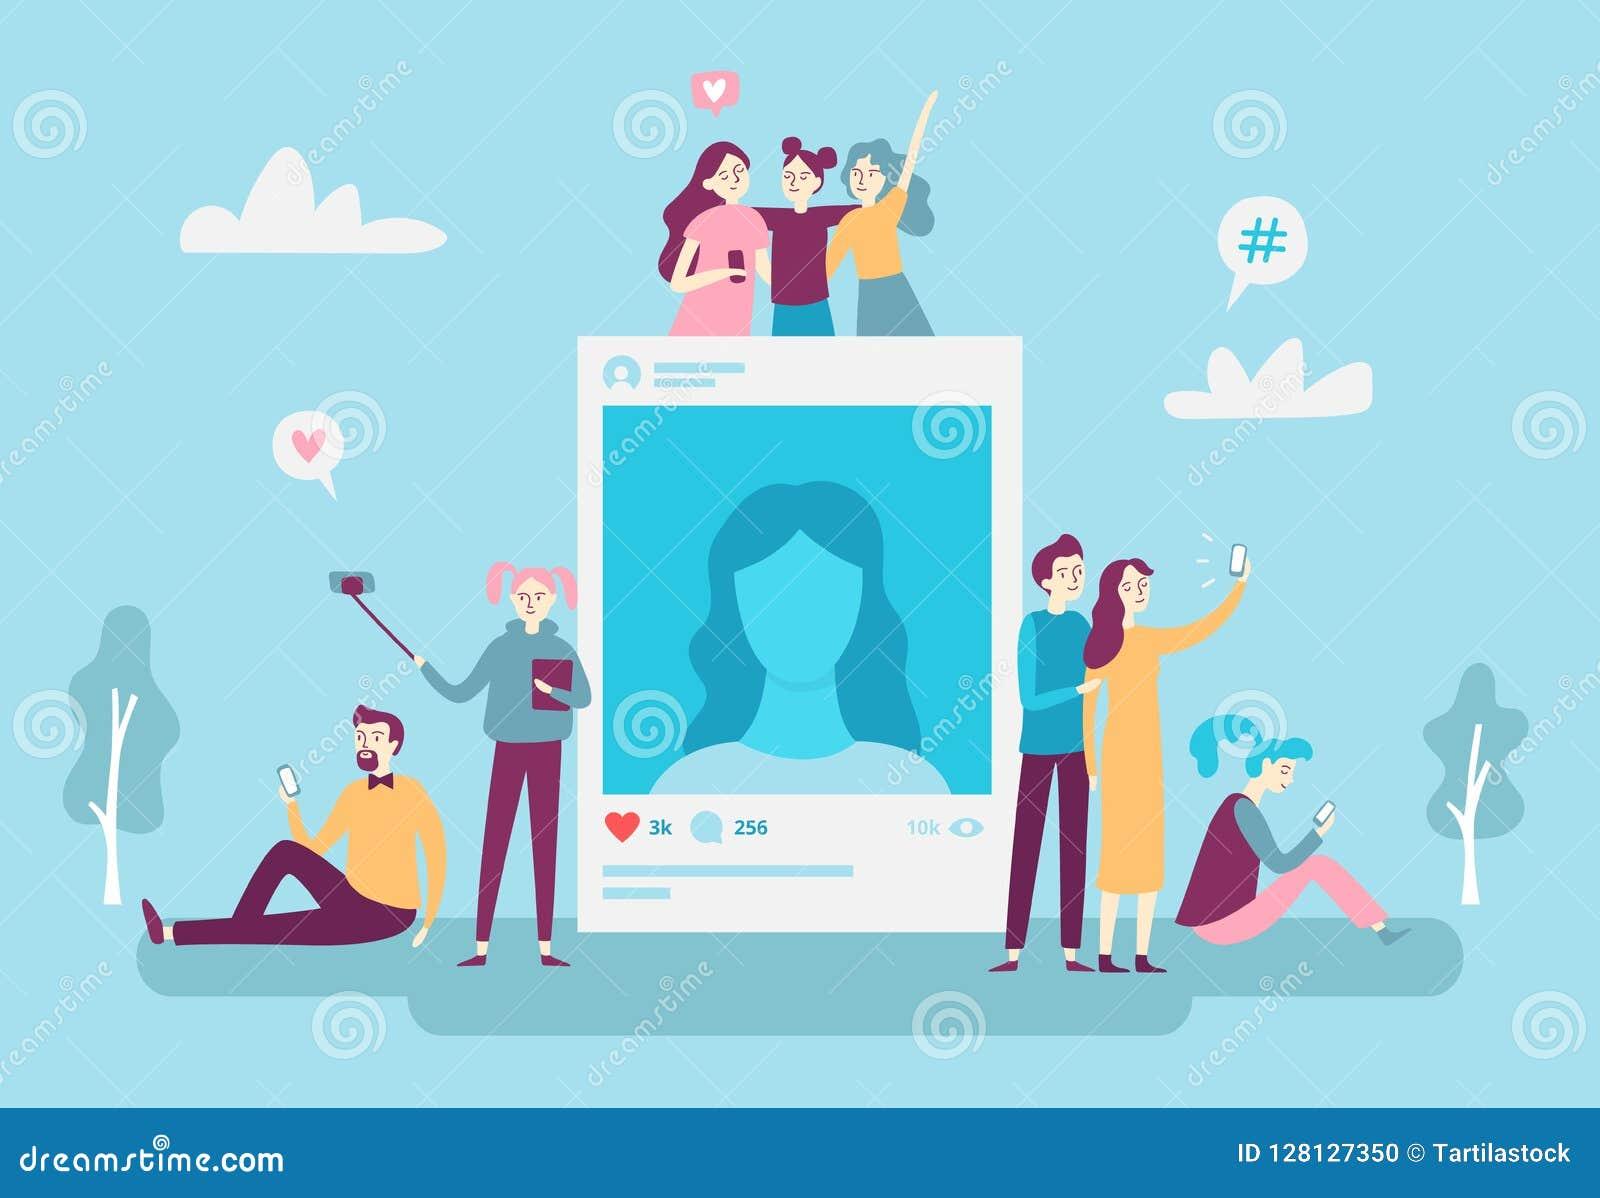 La gente dei giovanotti della posta della foto della rete sociale che invia le foto del selfie sullo smartphone Concetto sociale